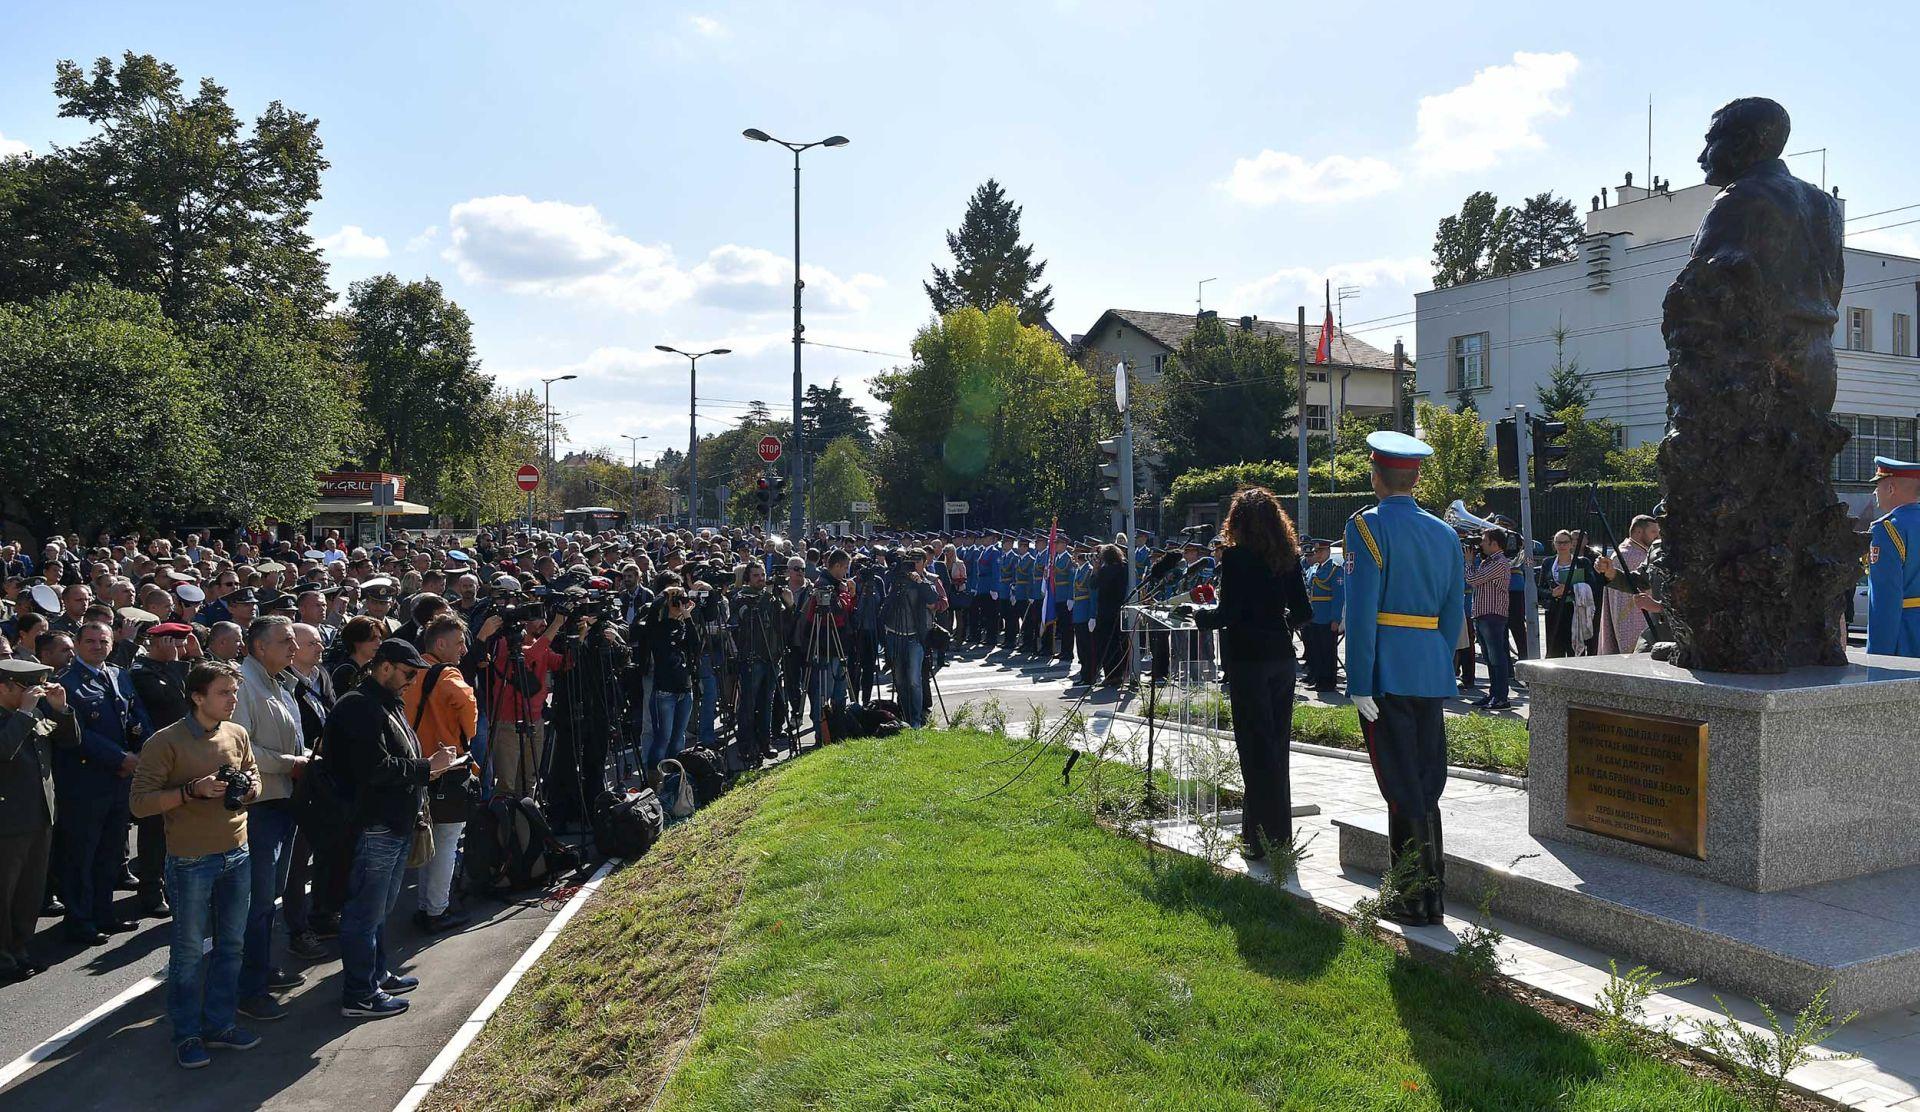 Srbija uputila prosvjed Hrvatskoj zbog stajališta o spomeniku majoru Tepiću